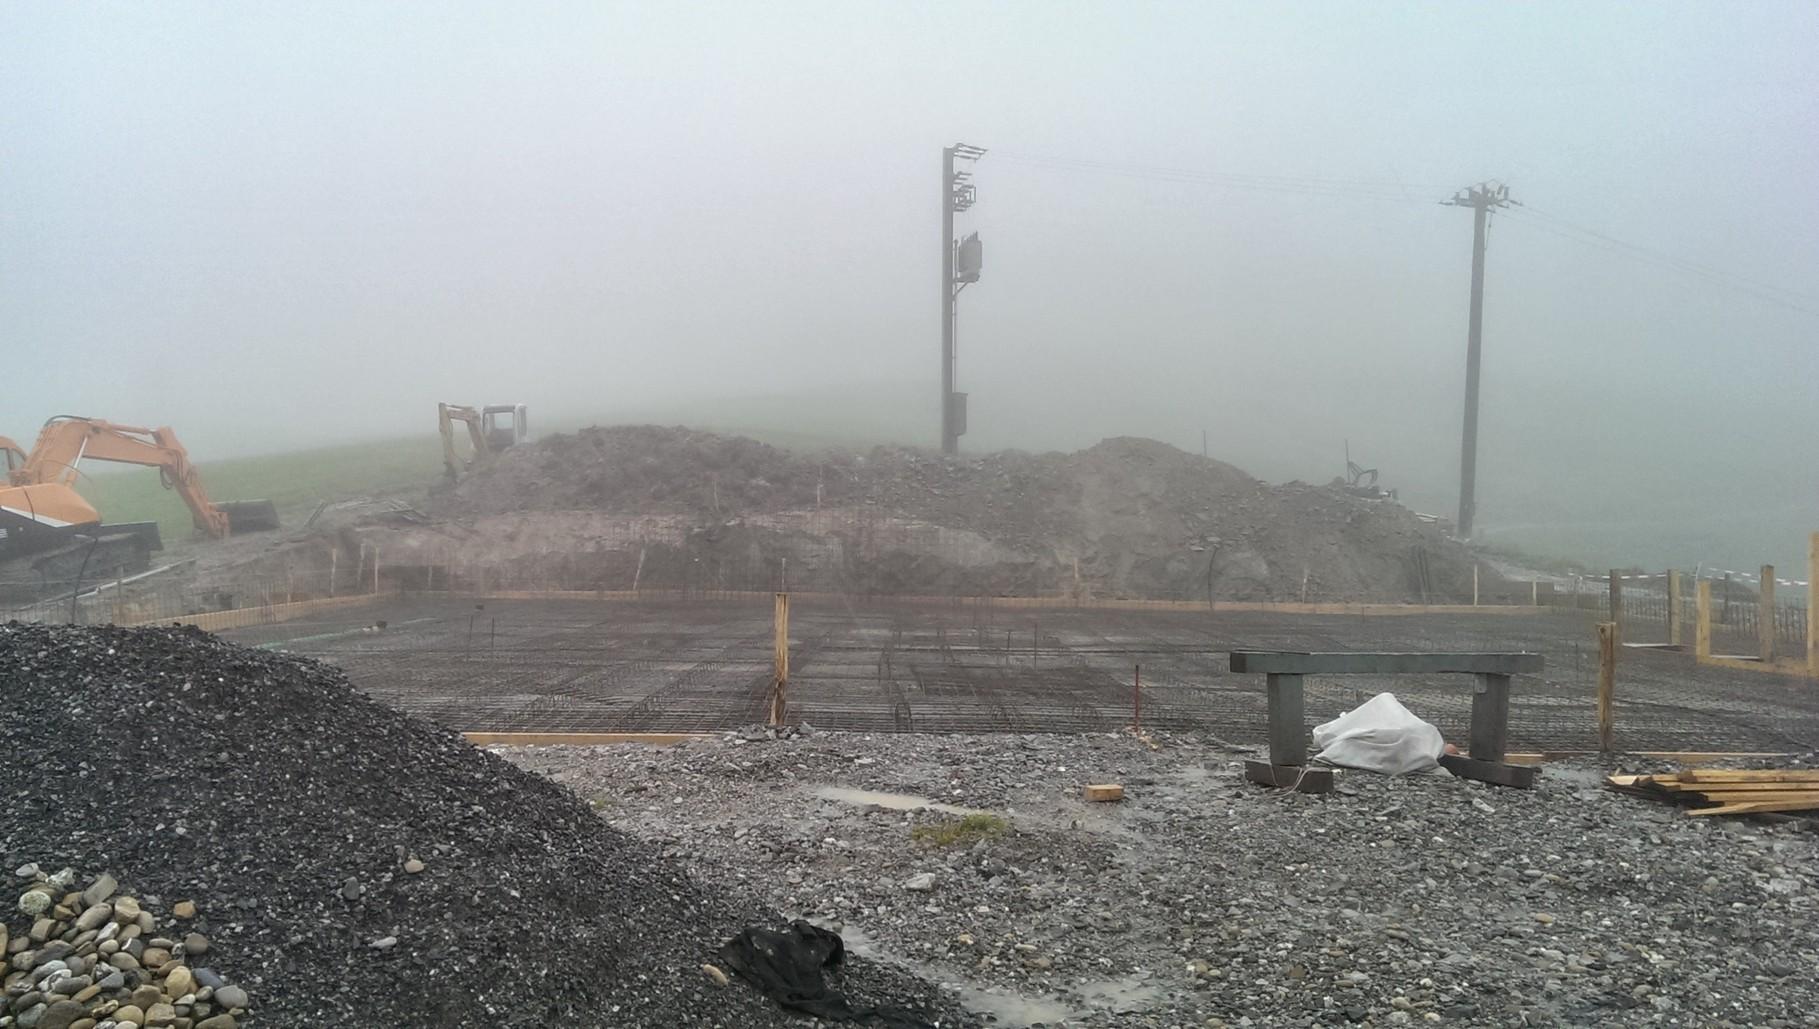 08.07.14 Baustelle wartet auf Wetter zum Betonieren :-)